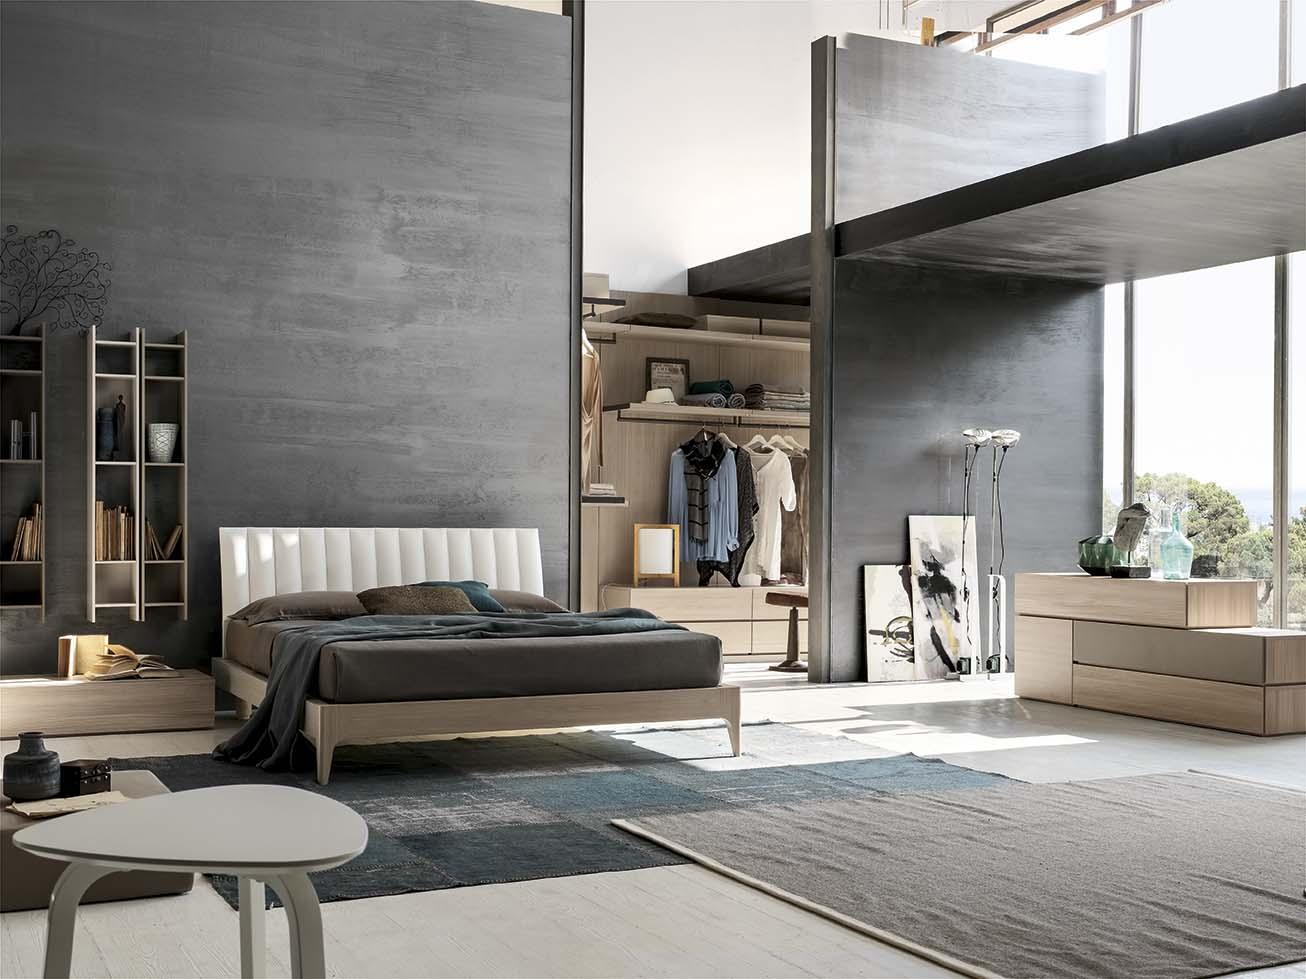 Camere da letto santa lucia arredo spazio casa for Camere da letto verona